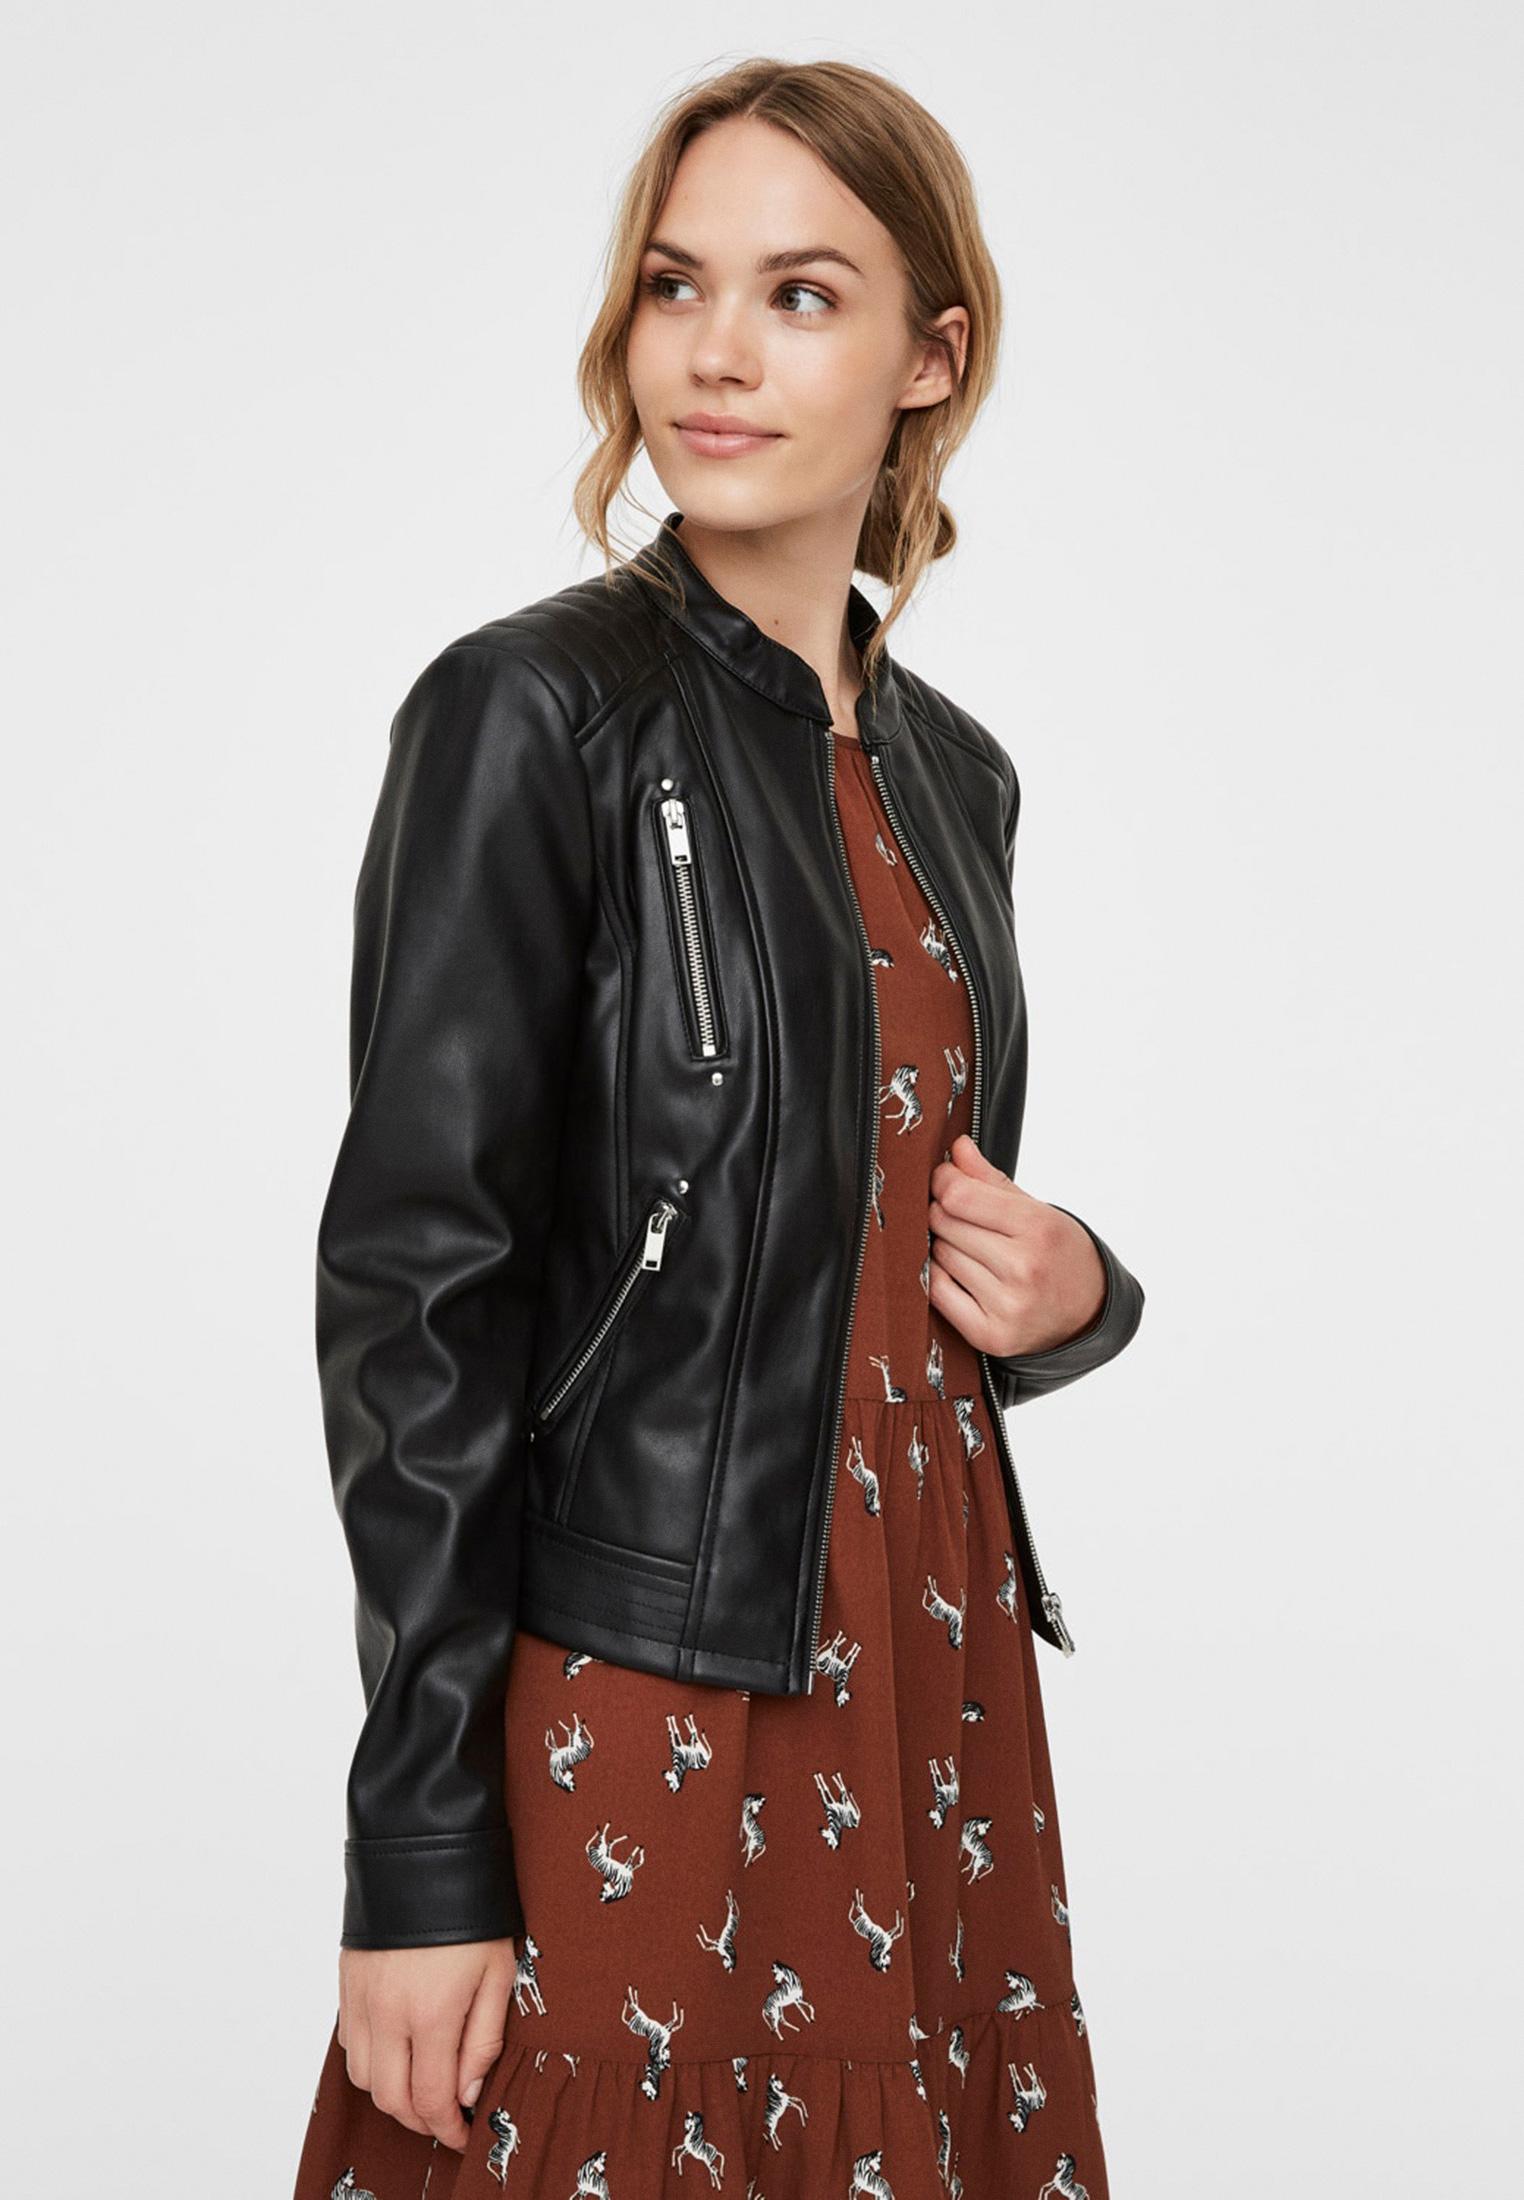 столицы можно какие сейчас в моде кожаные куртки фото вот коллеге